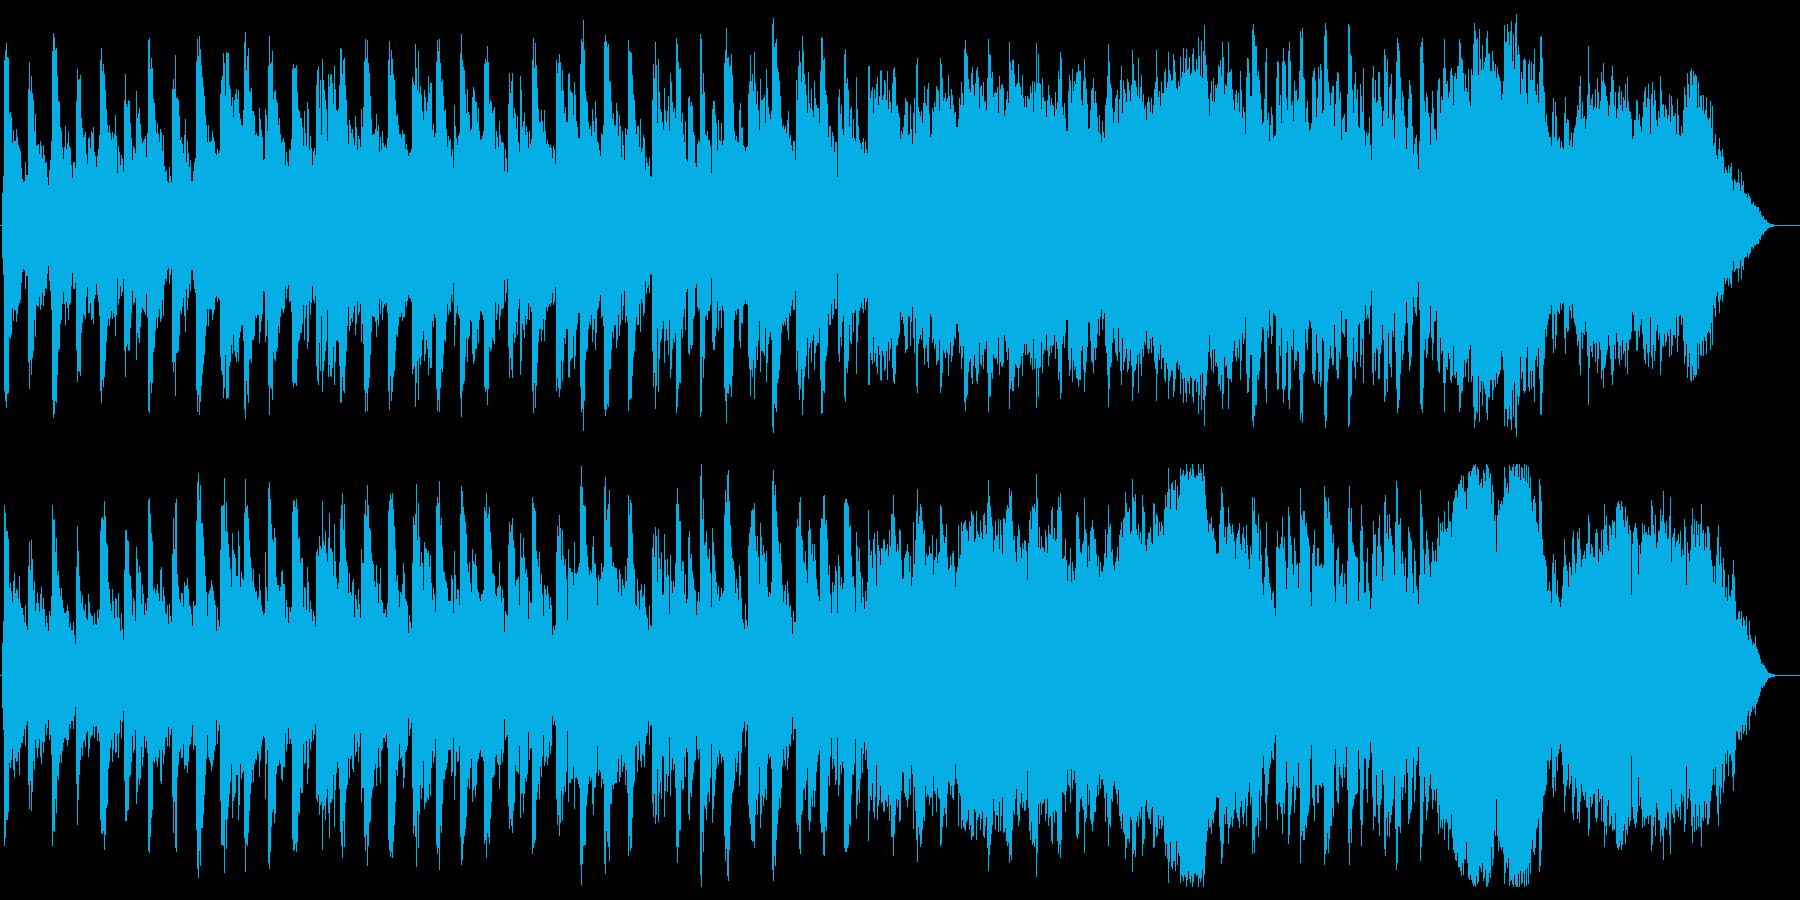 アベマリア(グノー)の再生済みの波形